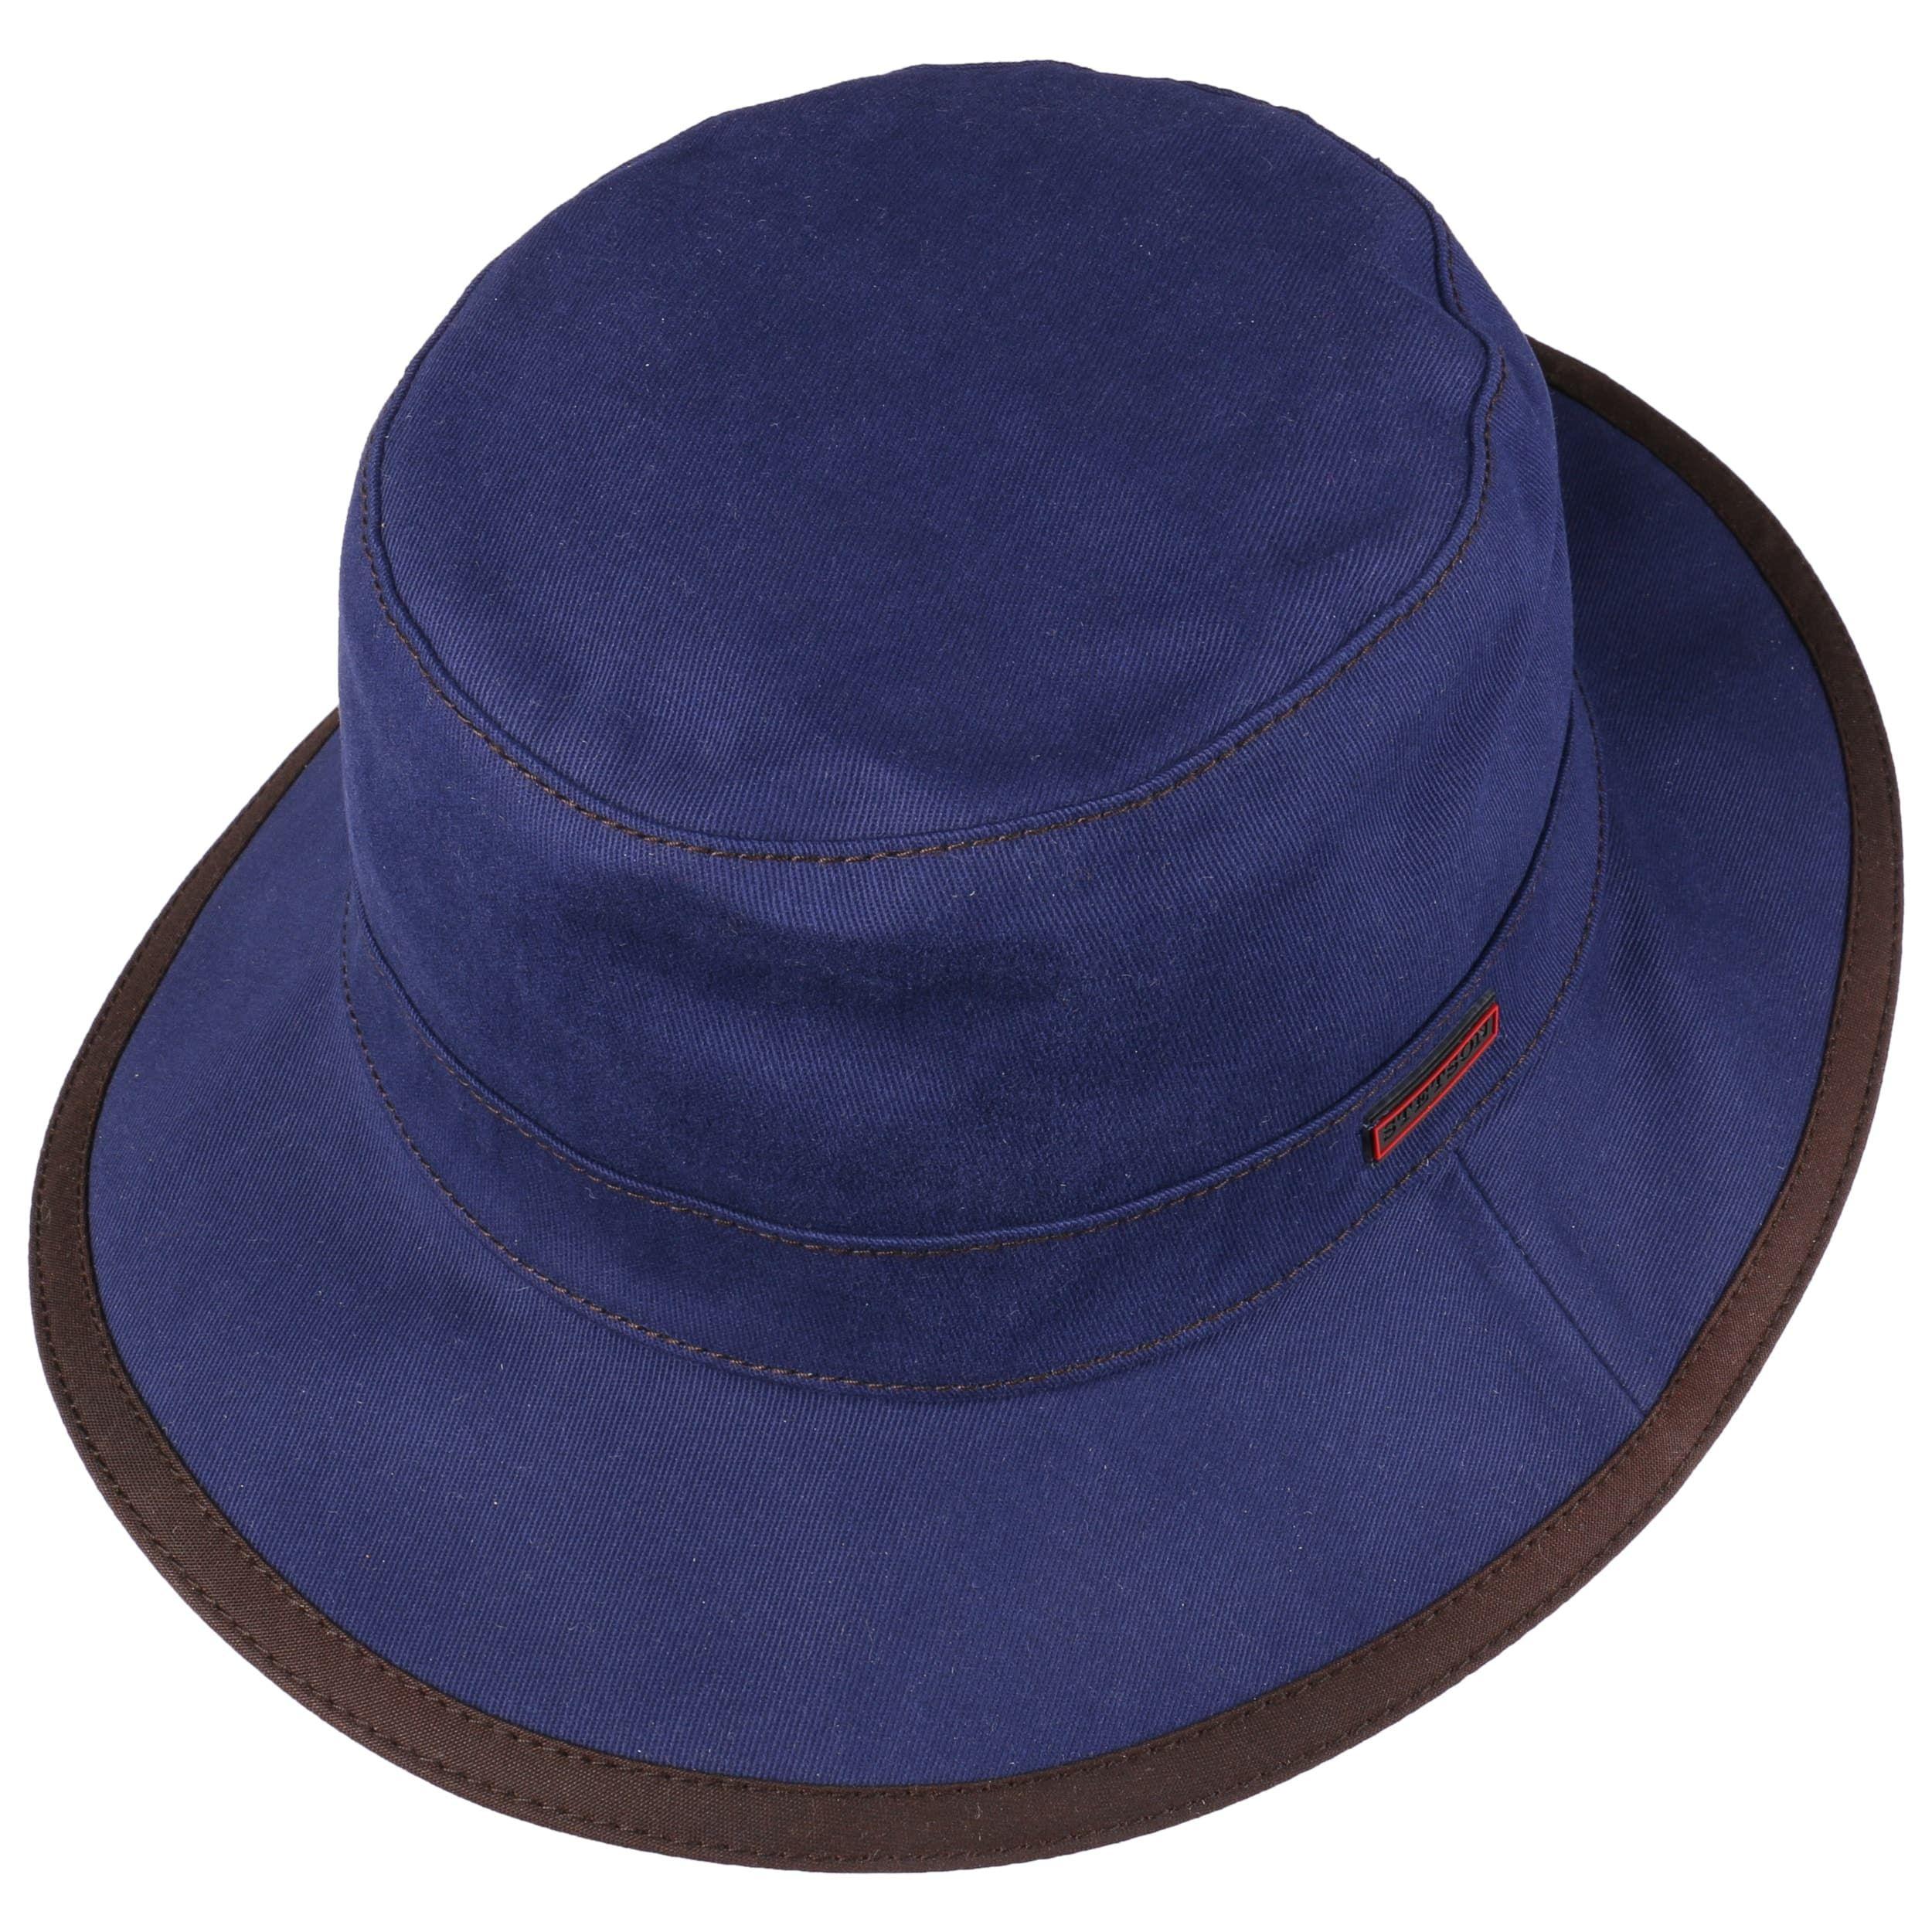 Tenakill Atkins Stoffhut blau